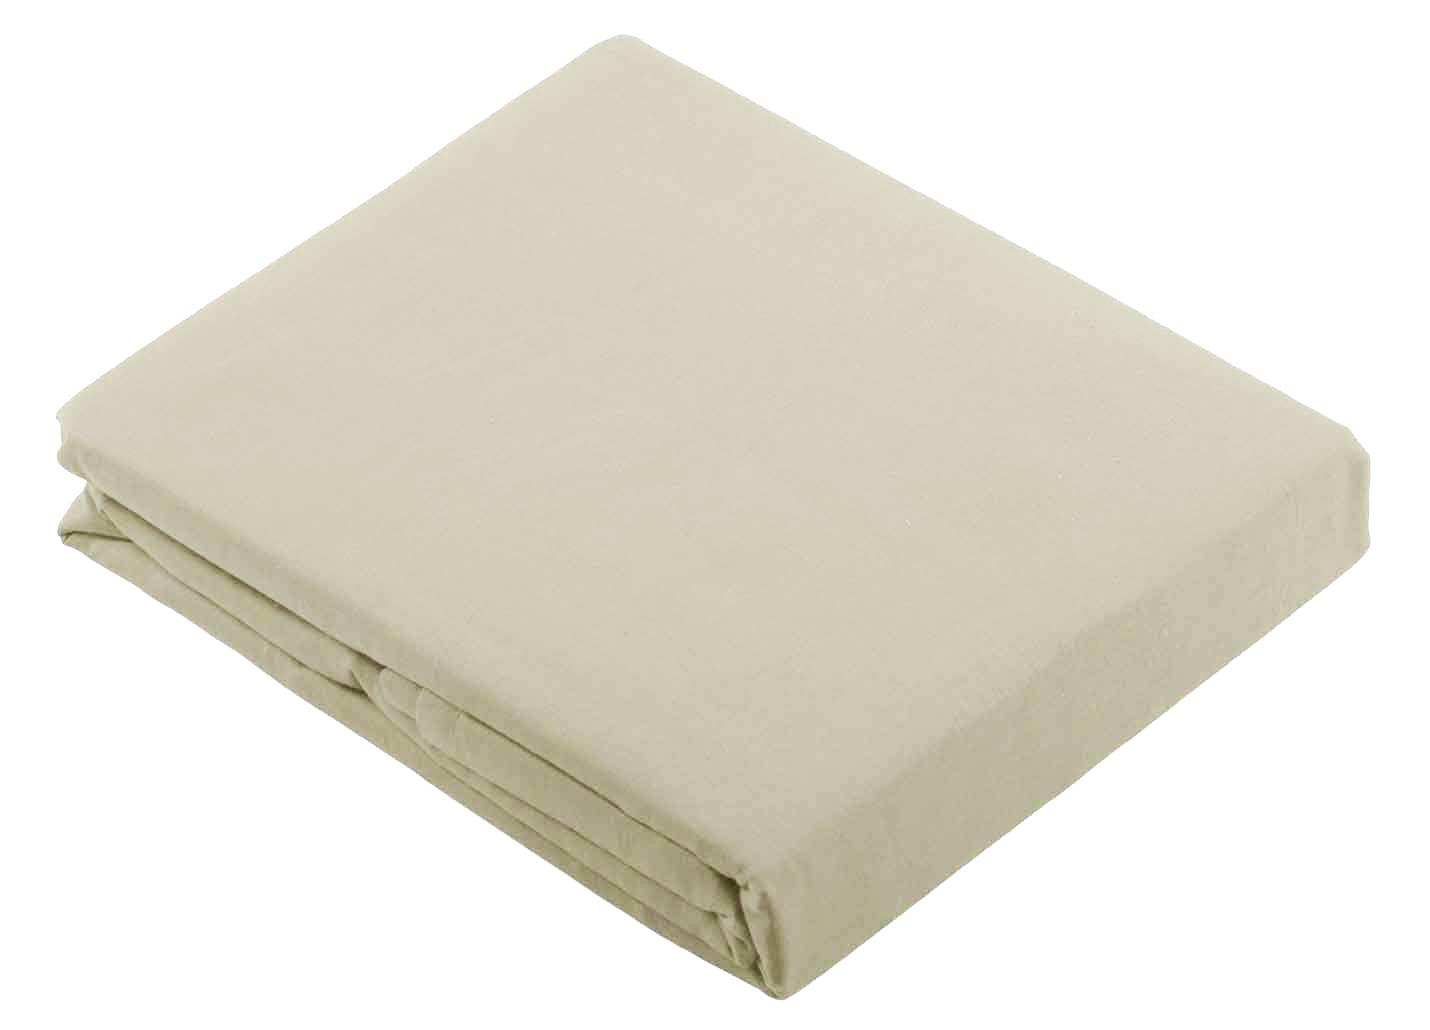 Drap Plat Uni en 100 % Coton - Ecru Lavé - 240 x 310 cm